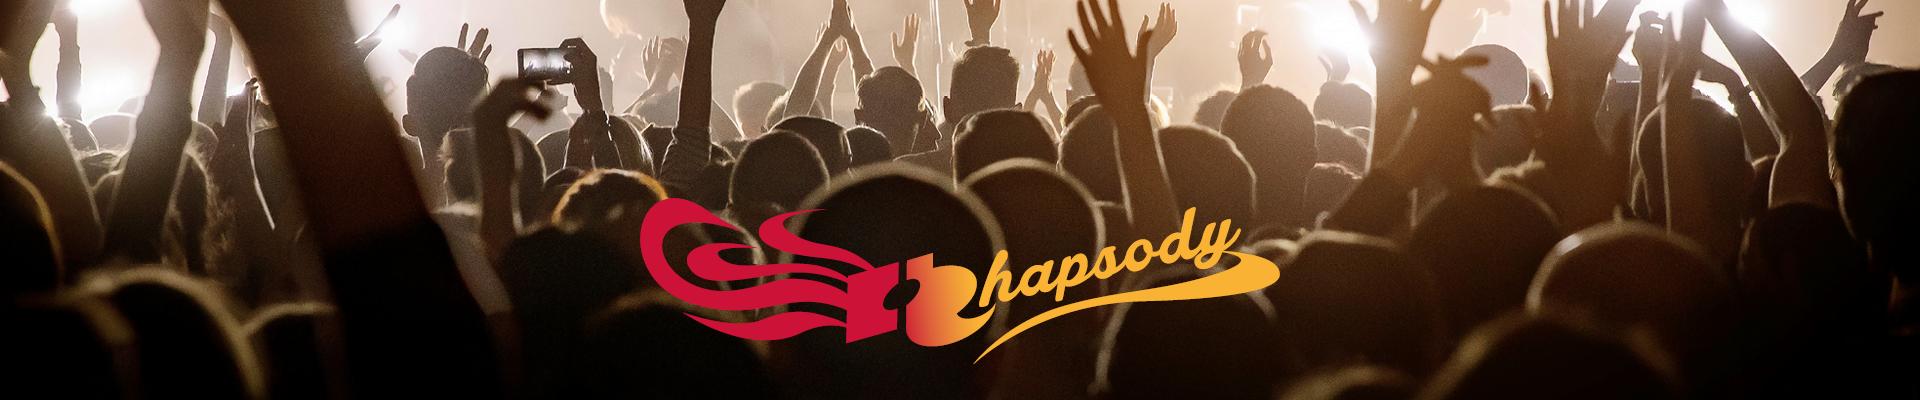 Zomerfeest 'Rhapsody' NL